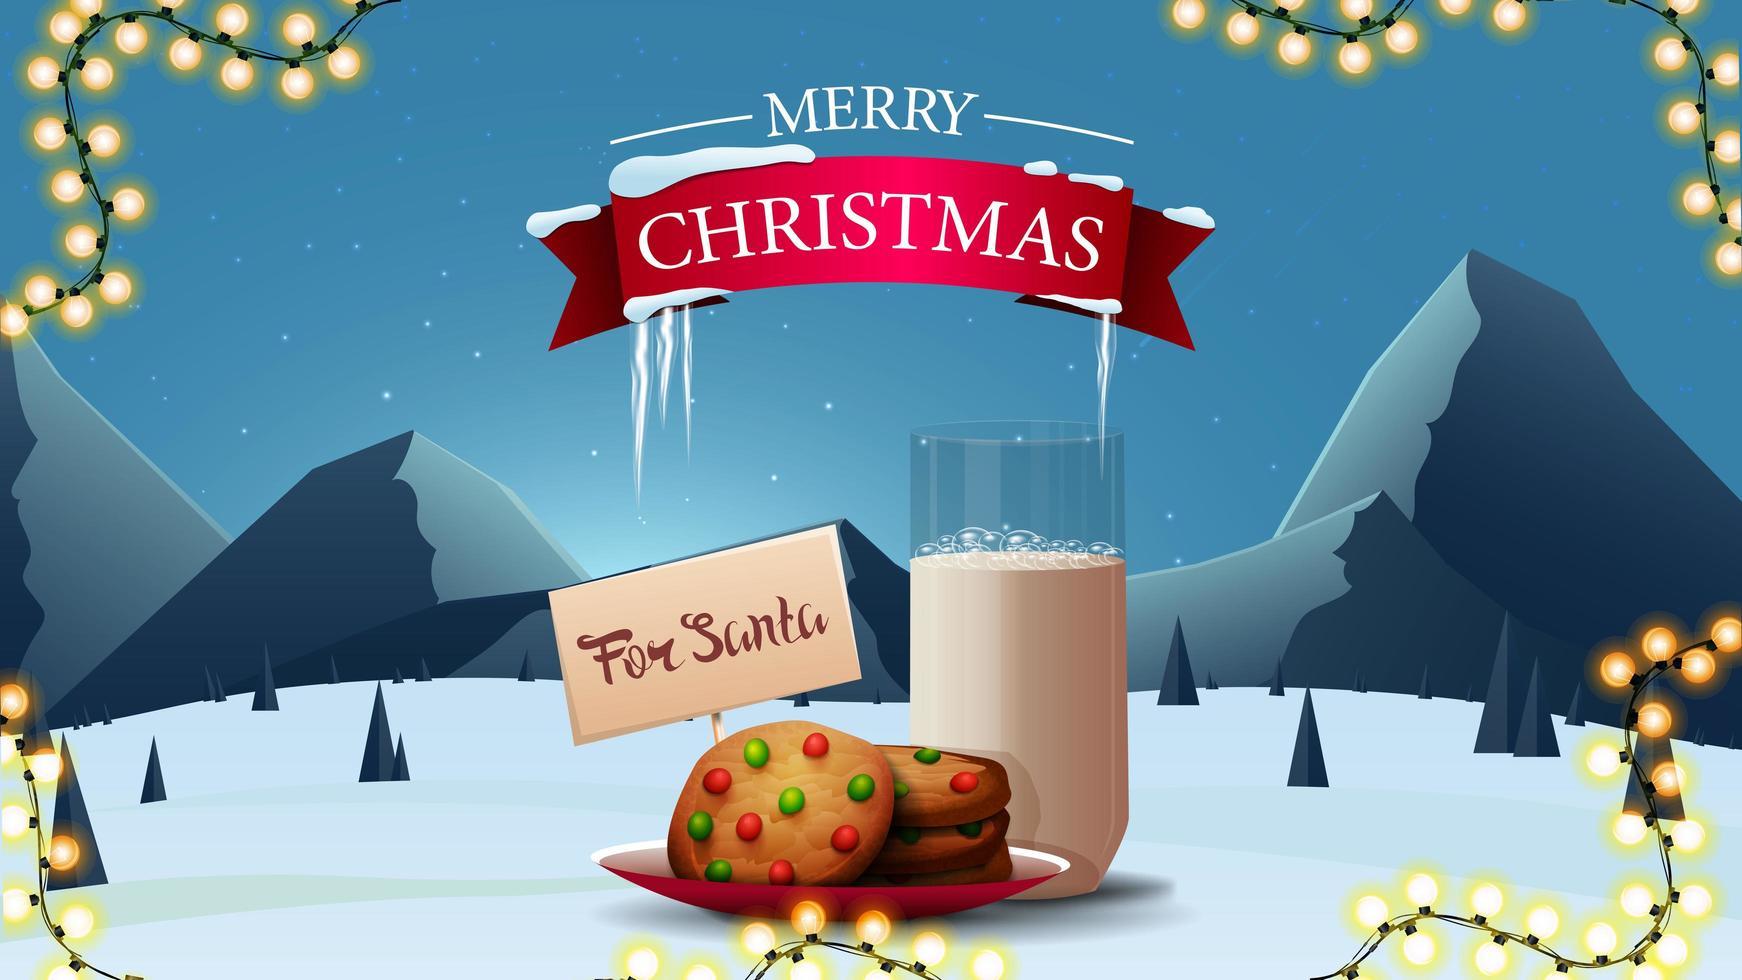 feliz navidad, postal de felicitación con galletas con leche vector